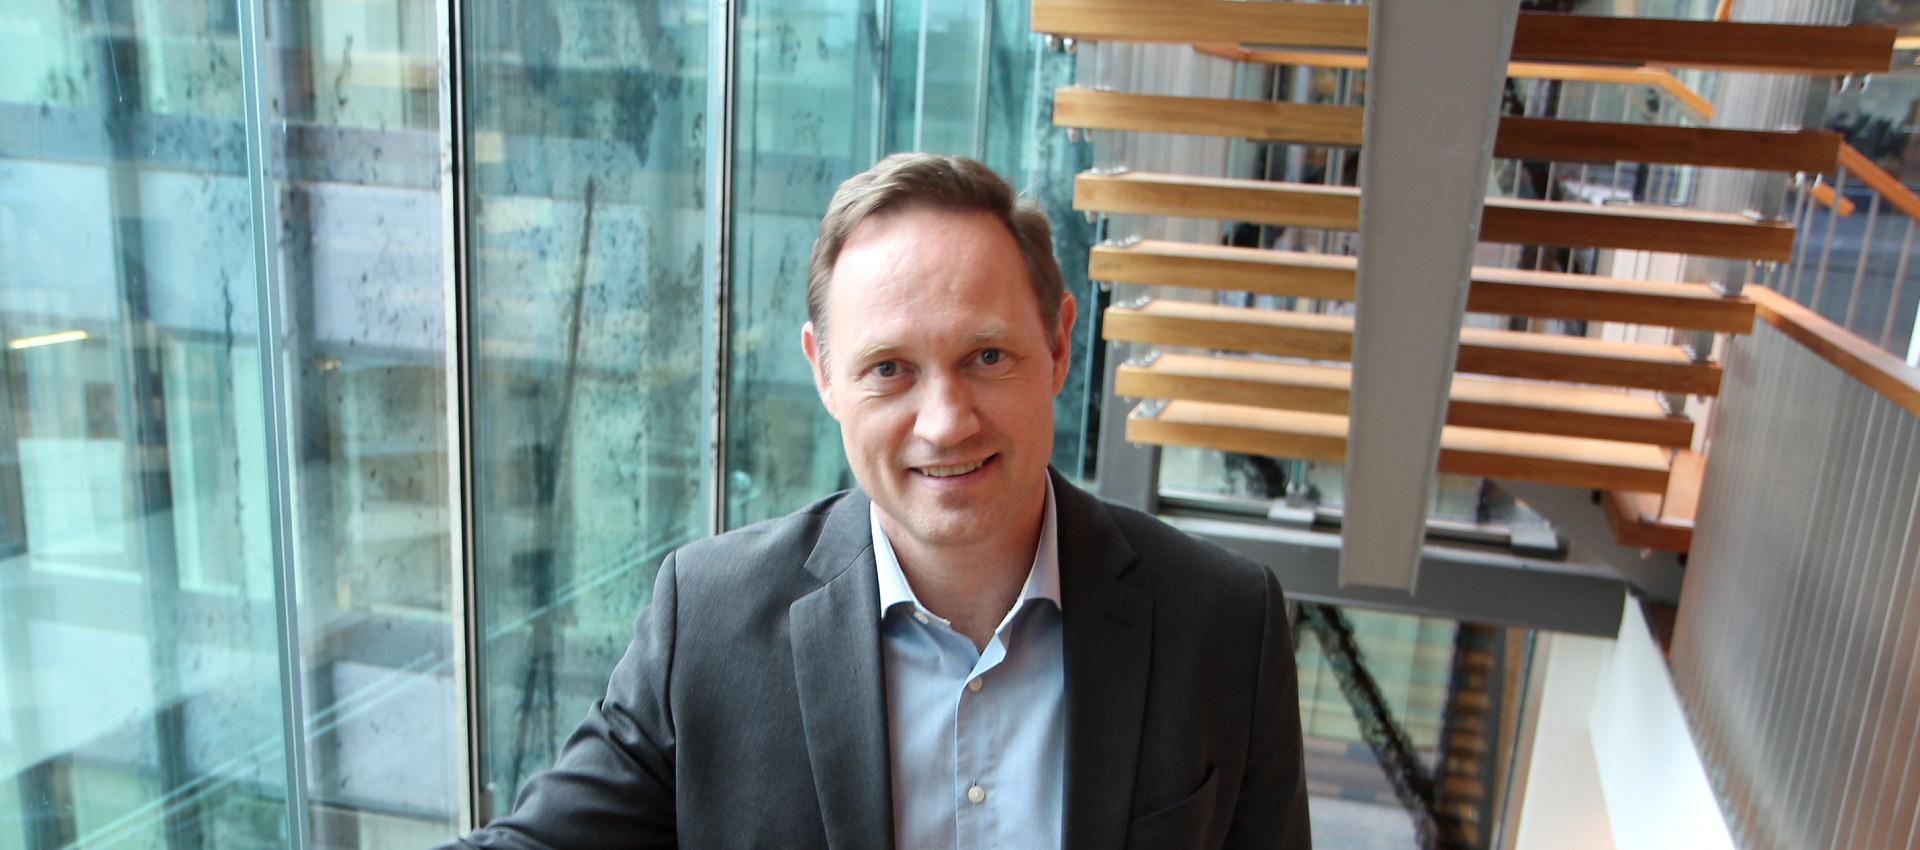 Fagsjef Stål Heggelund i Norsk Industri.